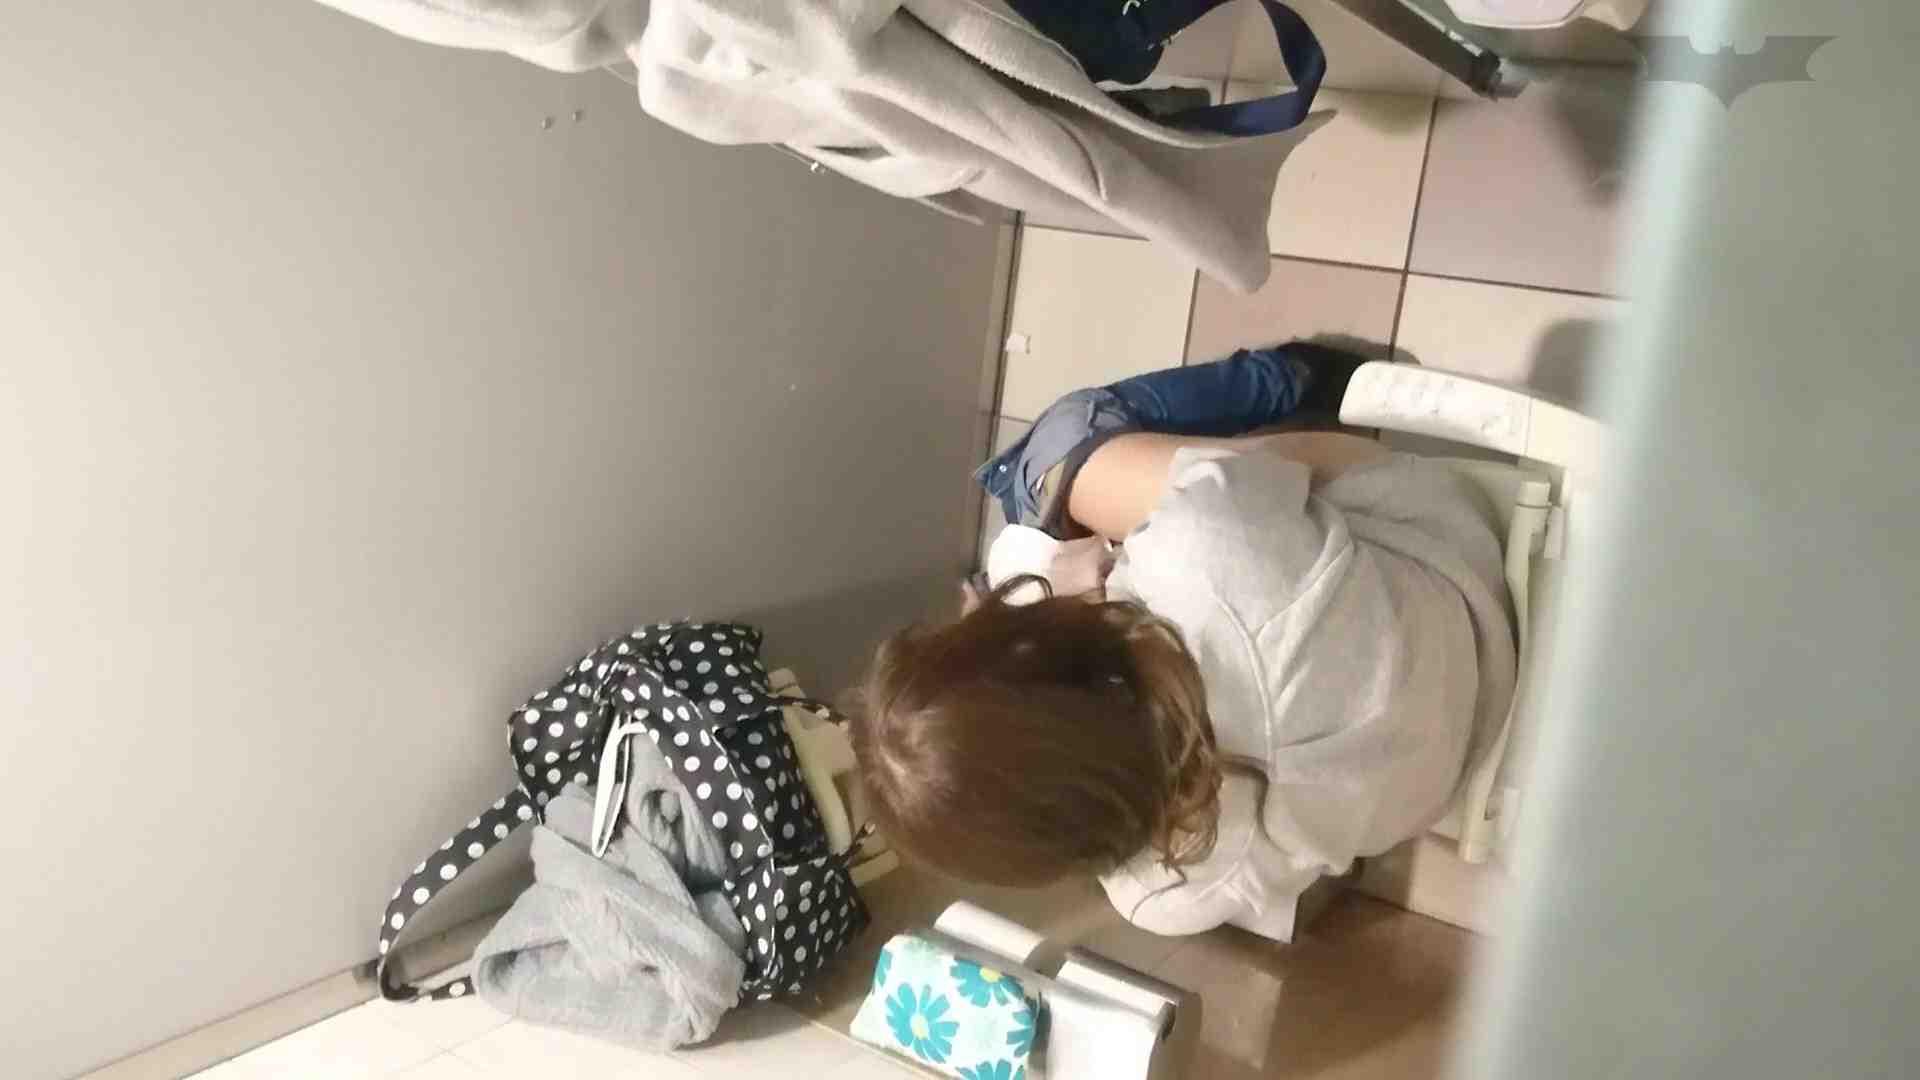 化粧室絵巻 ショッピングモール編 VOL.11 細身女性 おめこ無修正動画無料 83画像 59